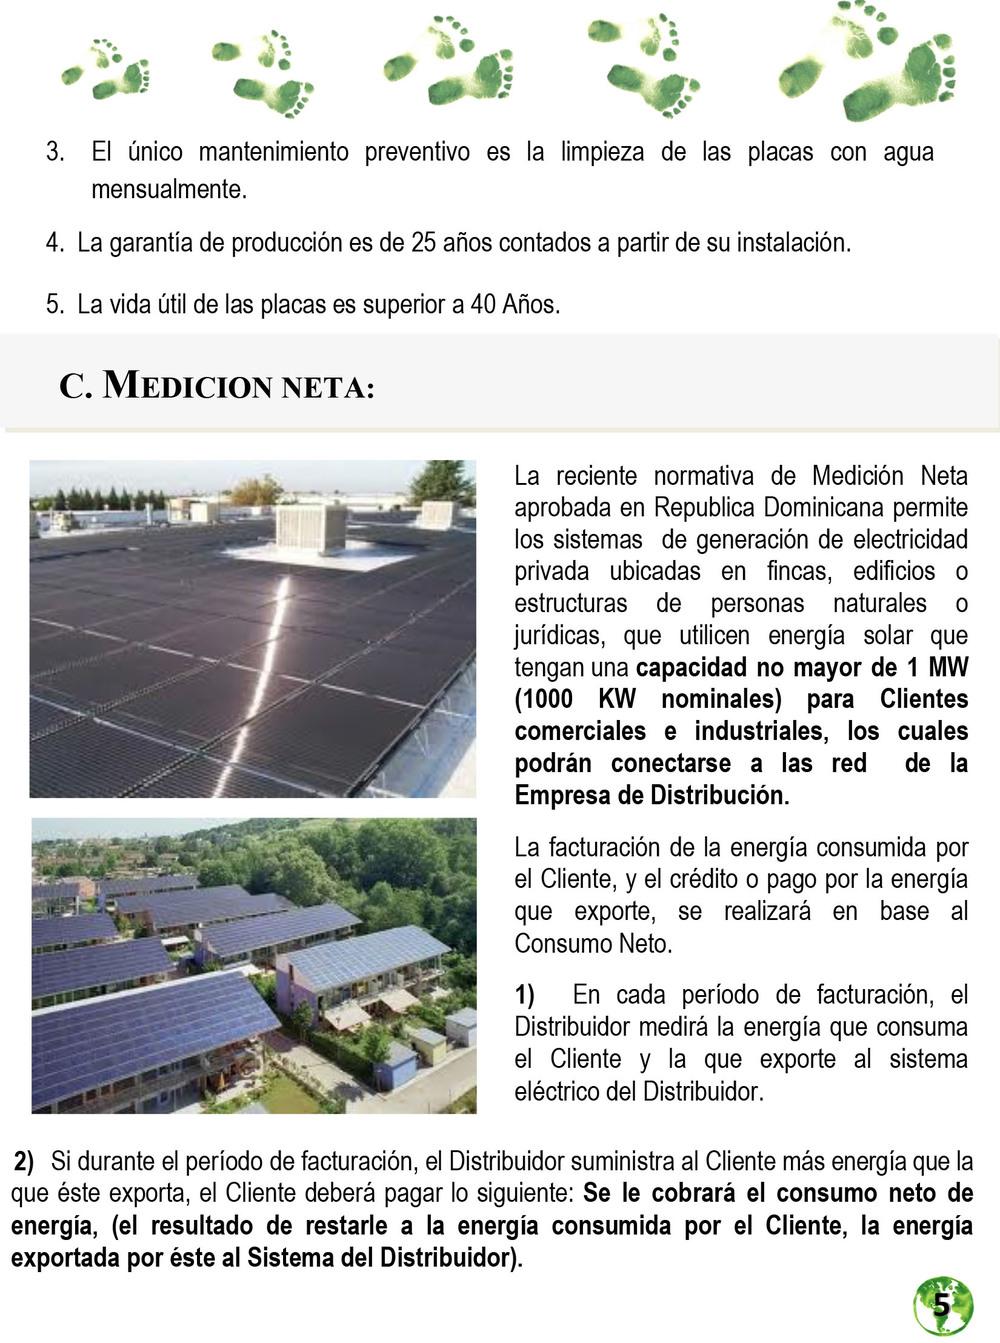 folleto 12-09-13-5.jpg